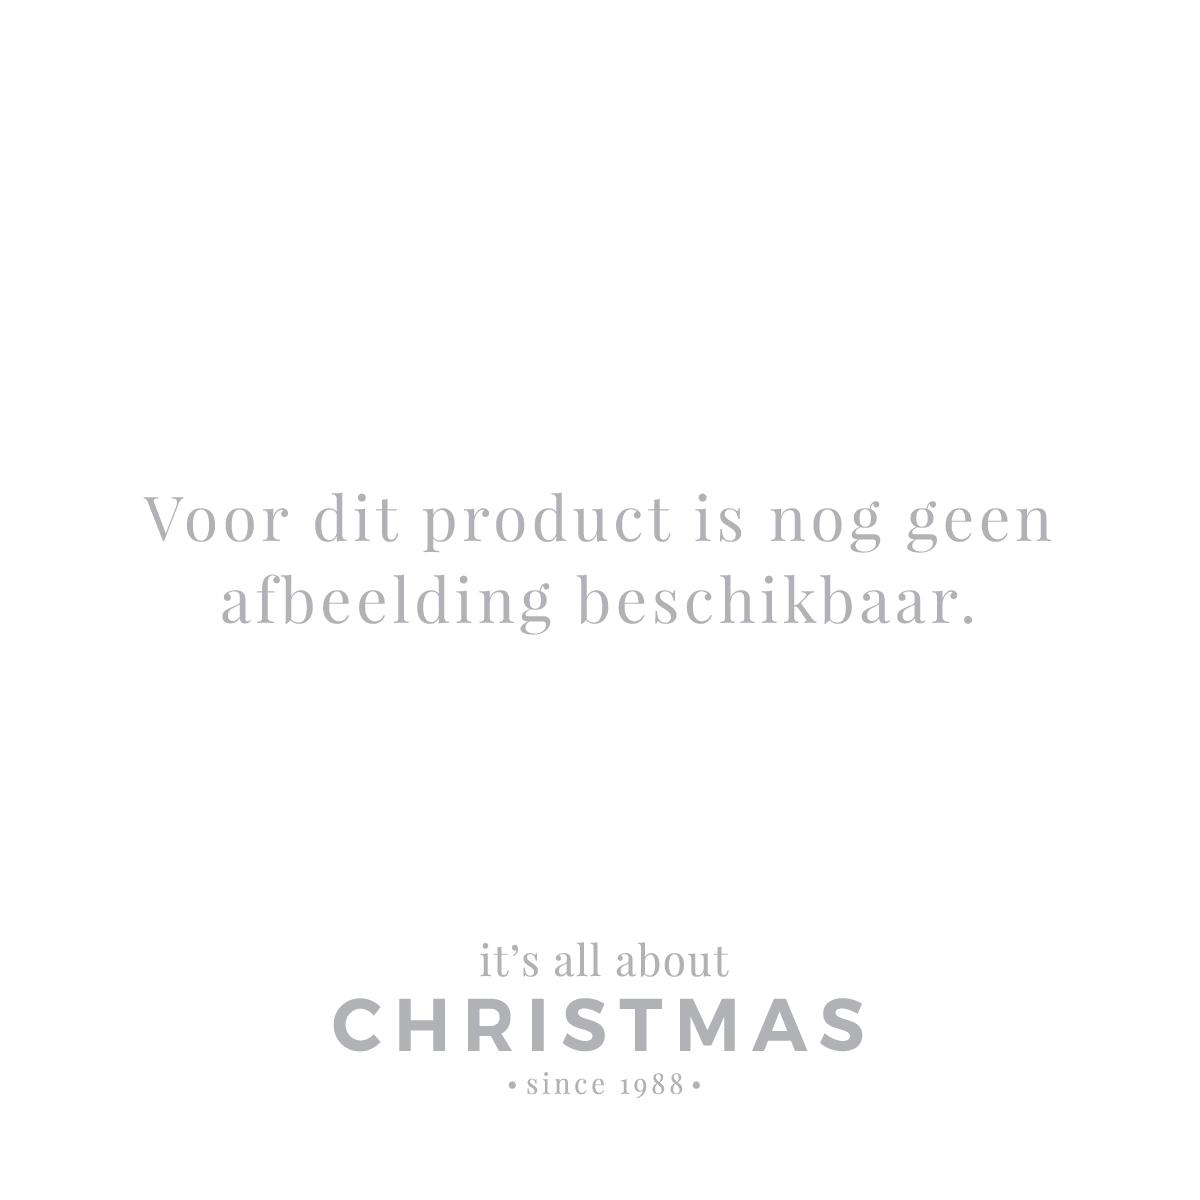 Glitter Weihnachtsschleifen 10cm Weihnachtsrot 3 Stk.